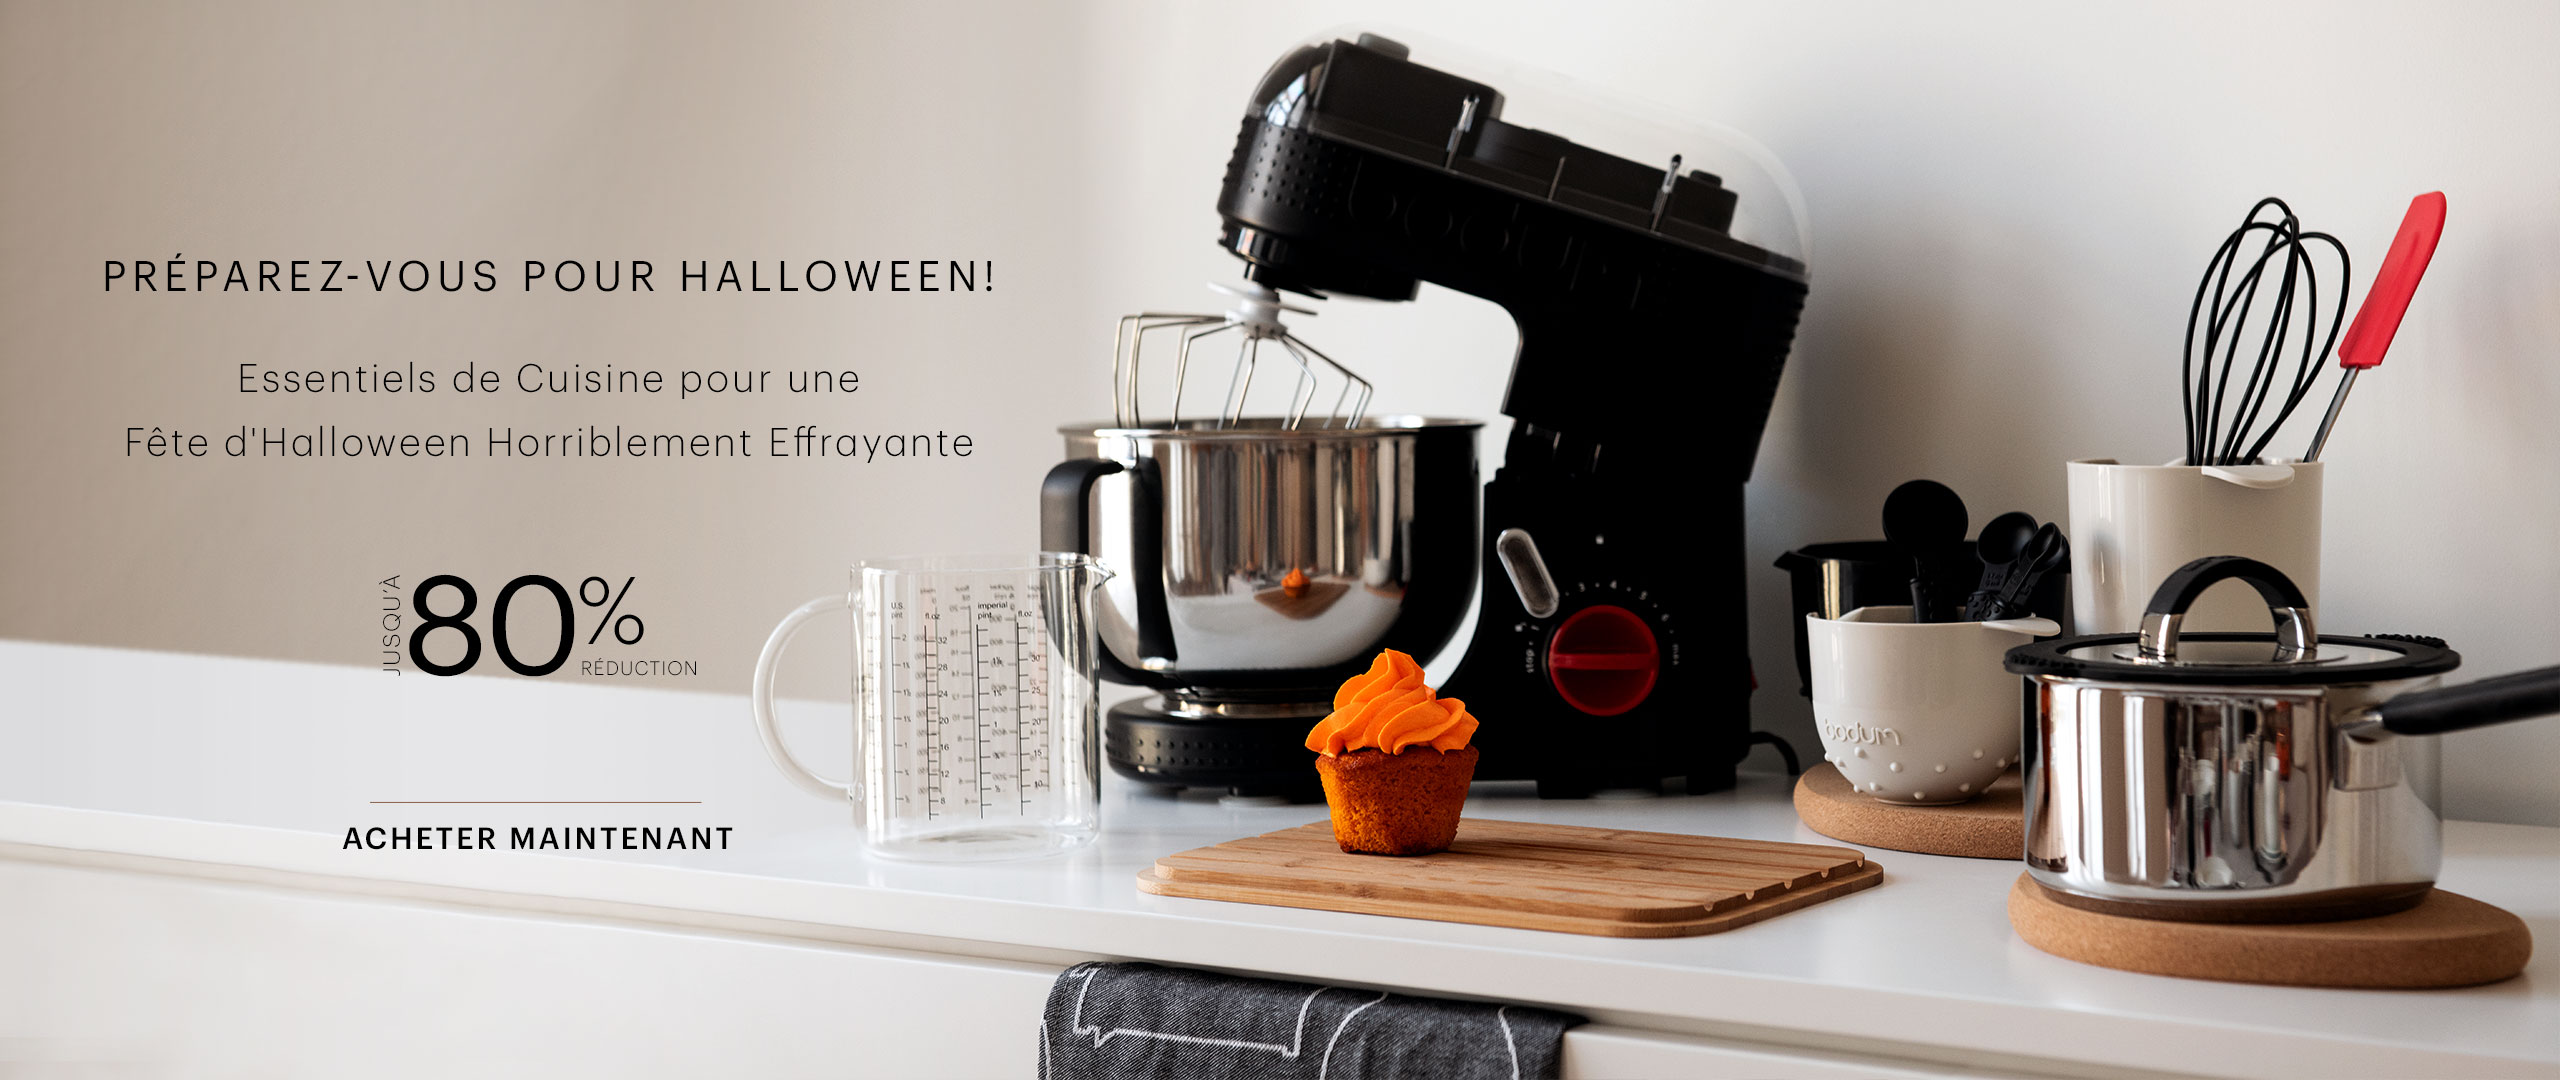 BEU [FR] - Halloween